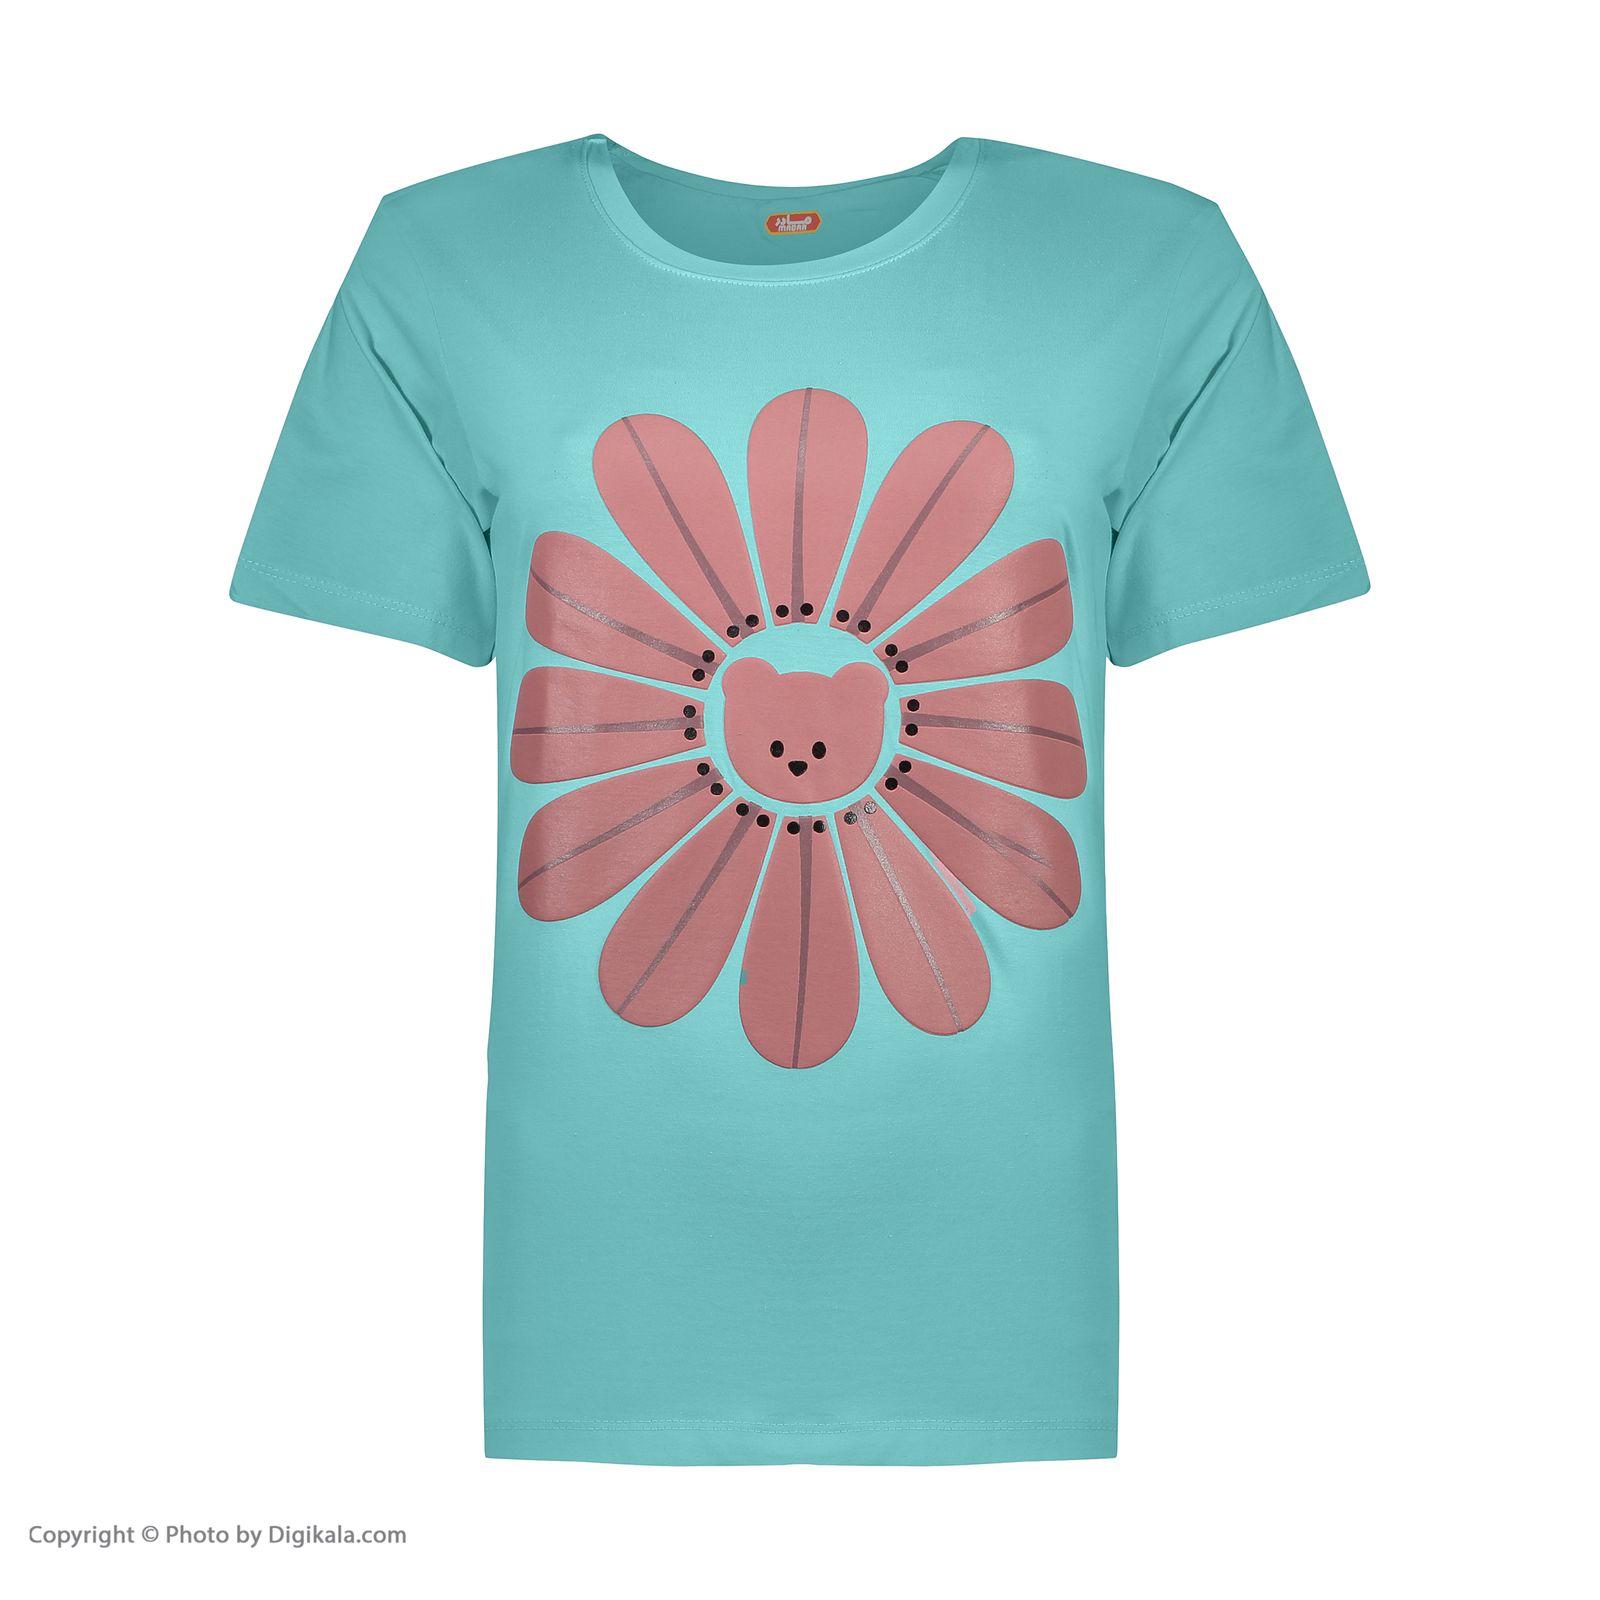 ست تی شرت و شلوارک راحتی زنانه مادر مدل 2041101-54 -  - 4